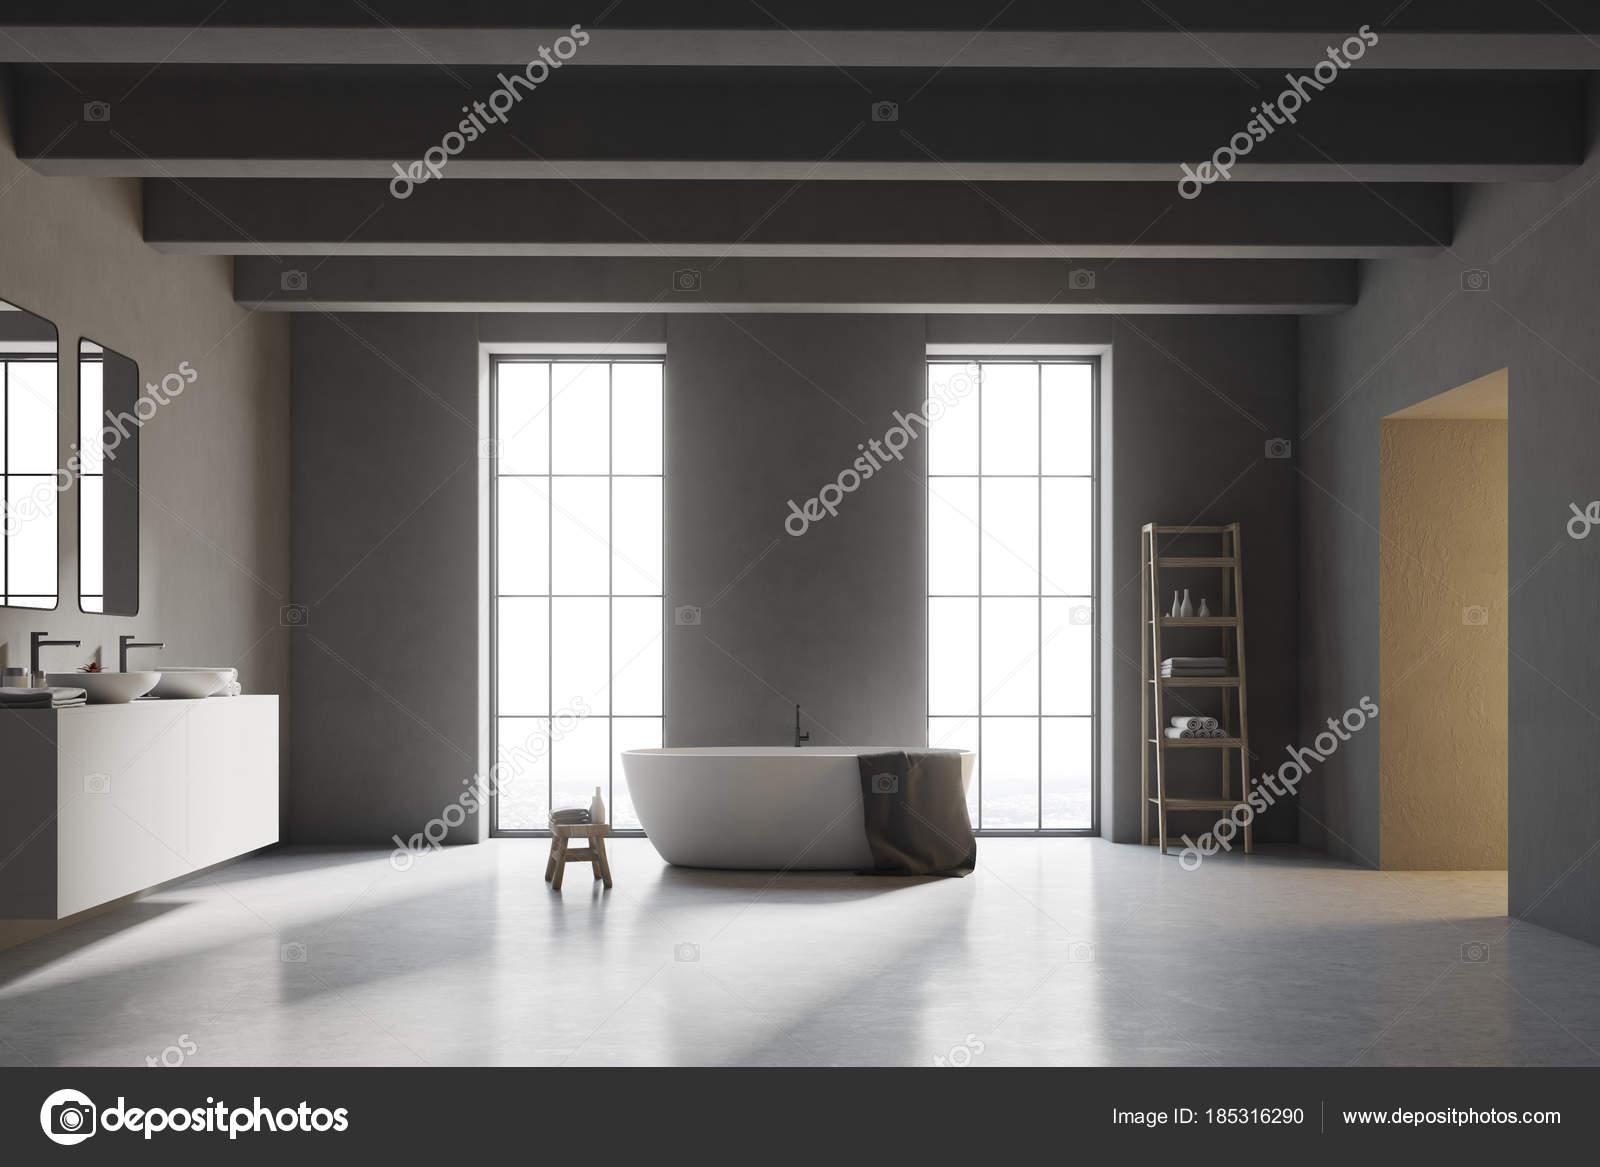 Pavimento Bianco Grigio : Interni di un bagno con pavimento bianco grigio u foto stock